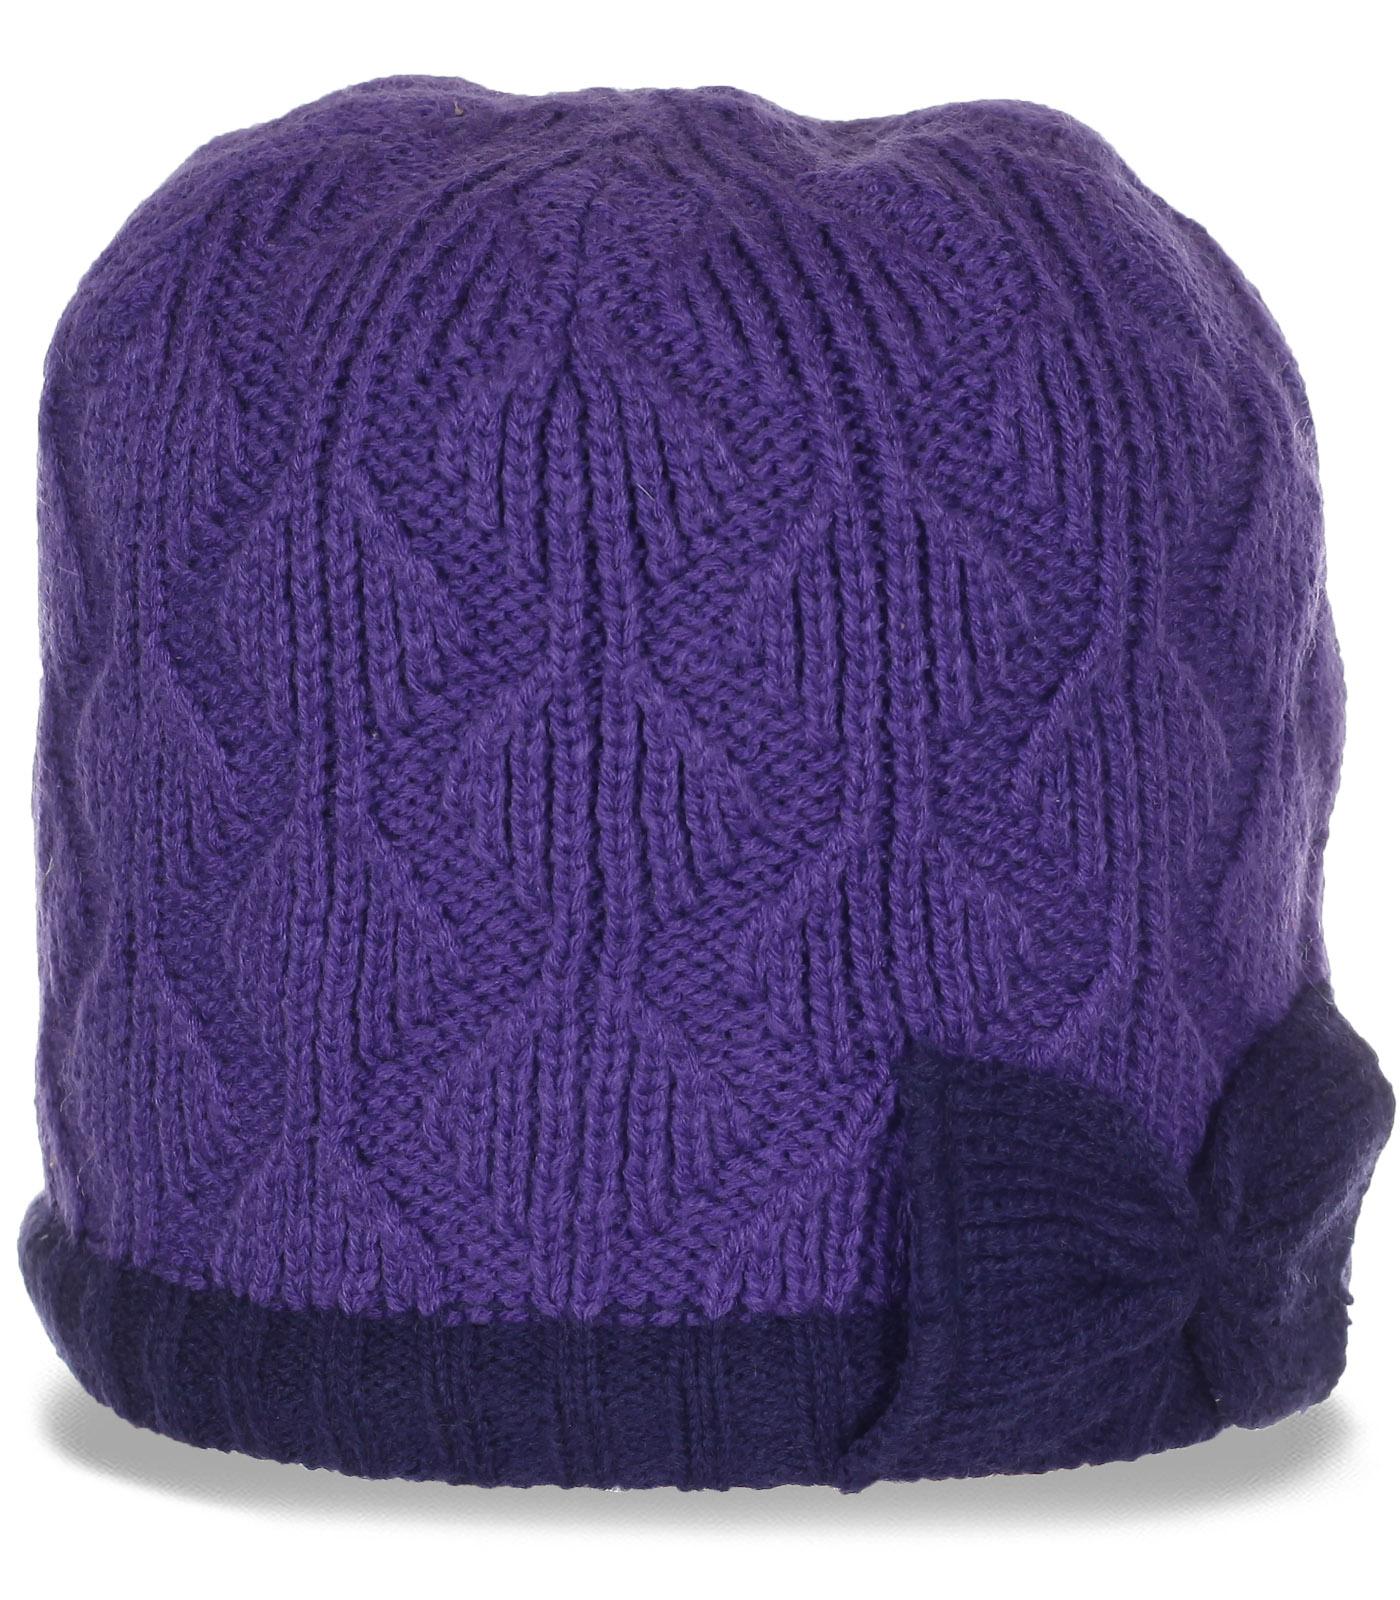 Эксклюзивная женская шапка с теплой флисовой подкладкой. Модницы, налетай!